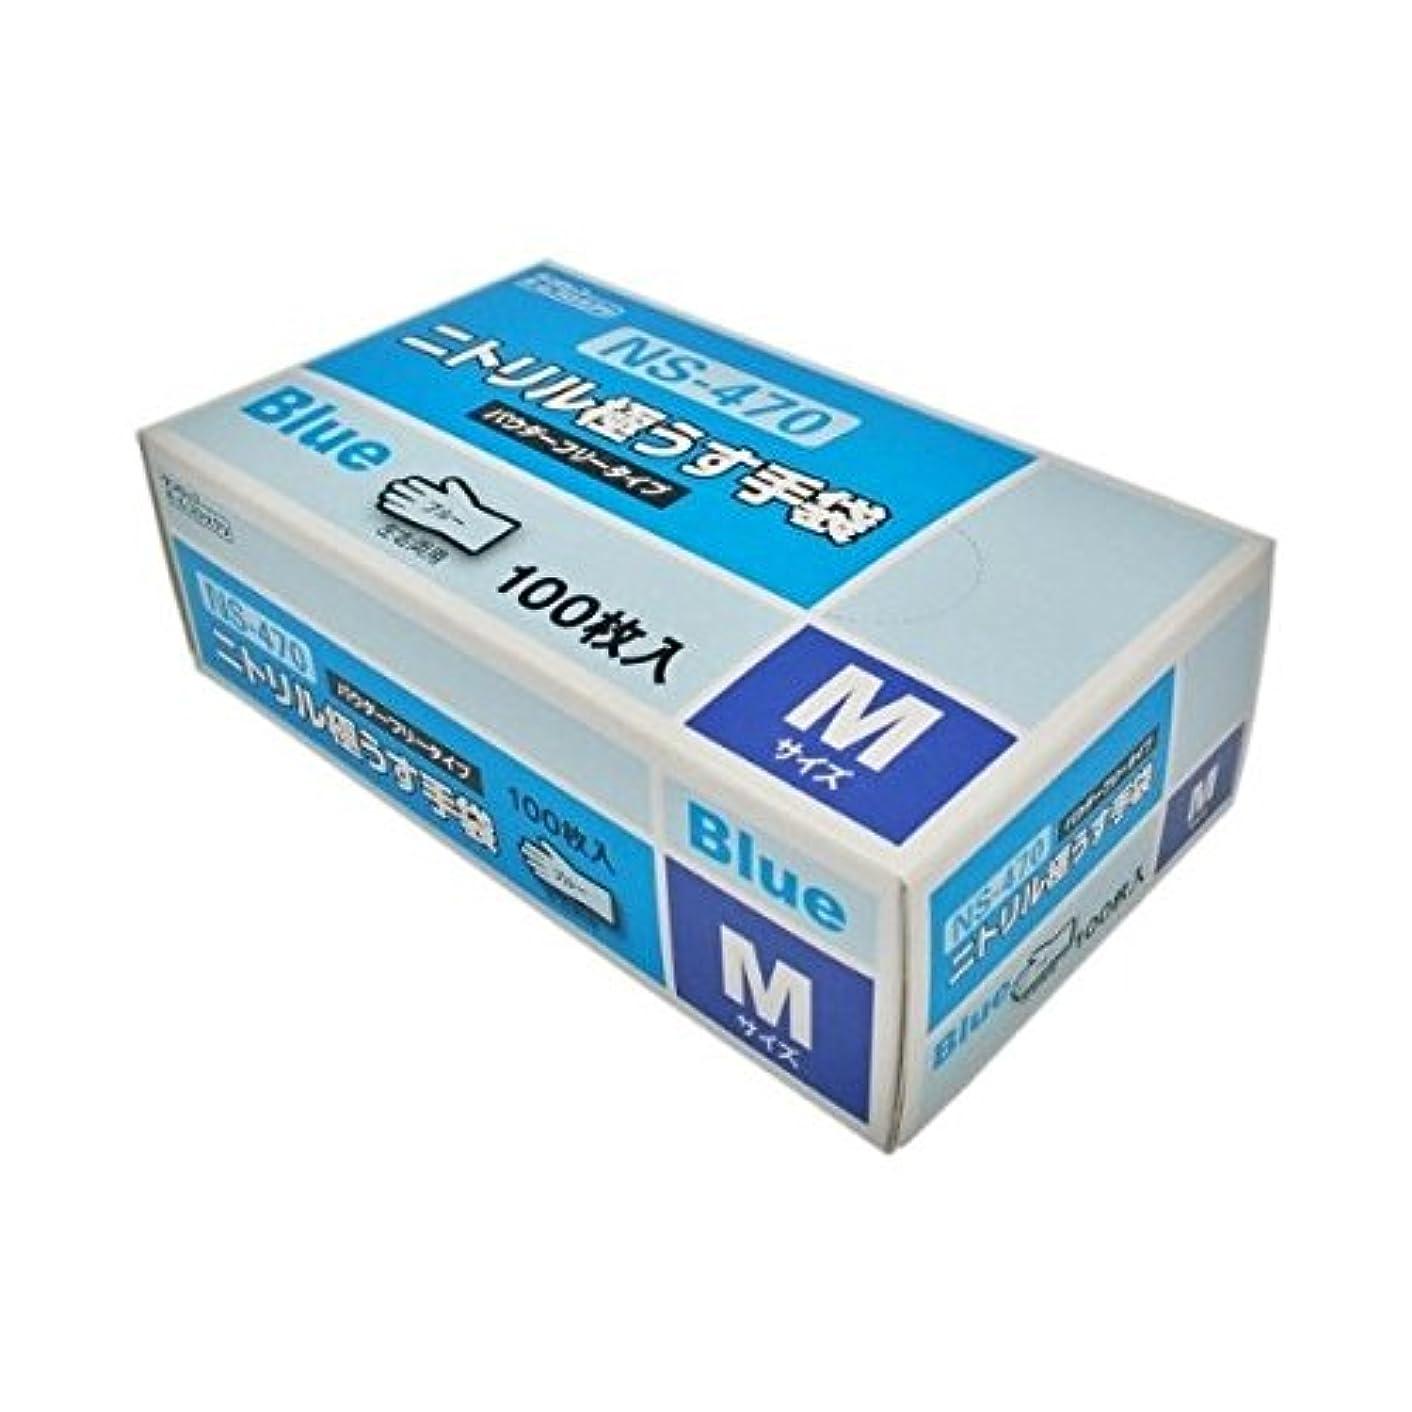 背が高い薬理学ペネロペ(株)ダンロップホームプロダクツ ニトリル極薄手袋 100枚 M ブルー